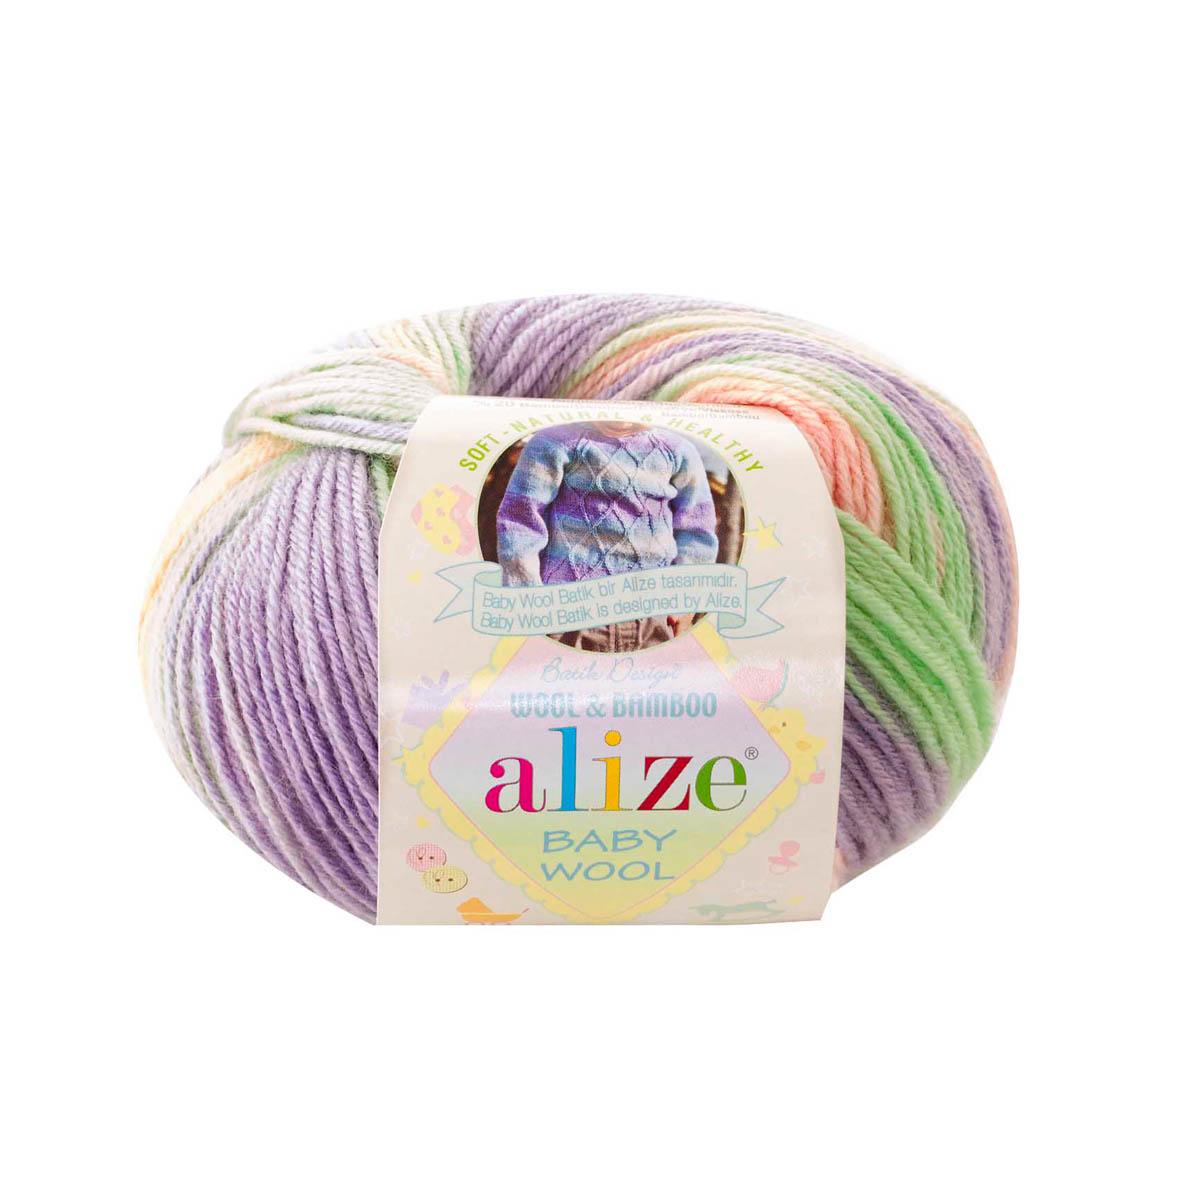 Пряжа ALIZE 'Baby wool batik design' 50гр. 165м (20%бамбук, 40%шерсть, 40%акрил) ТУ